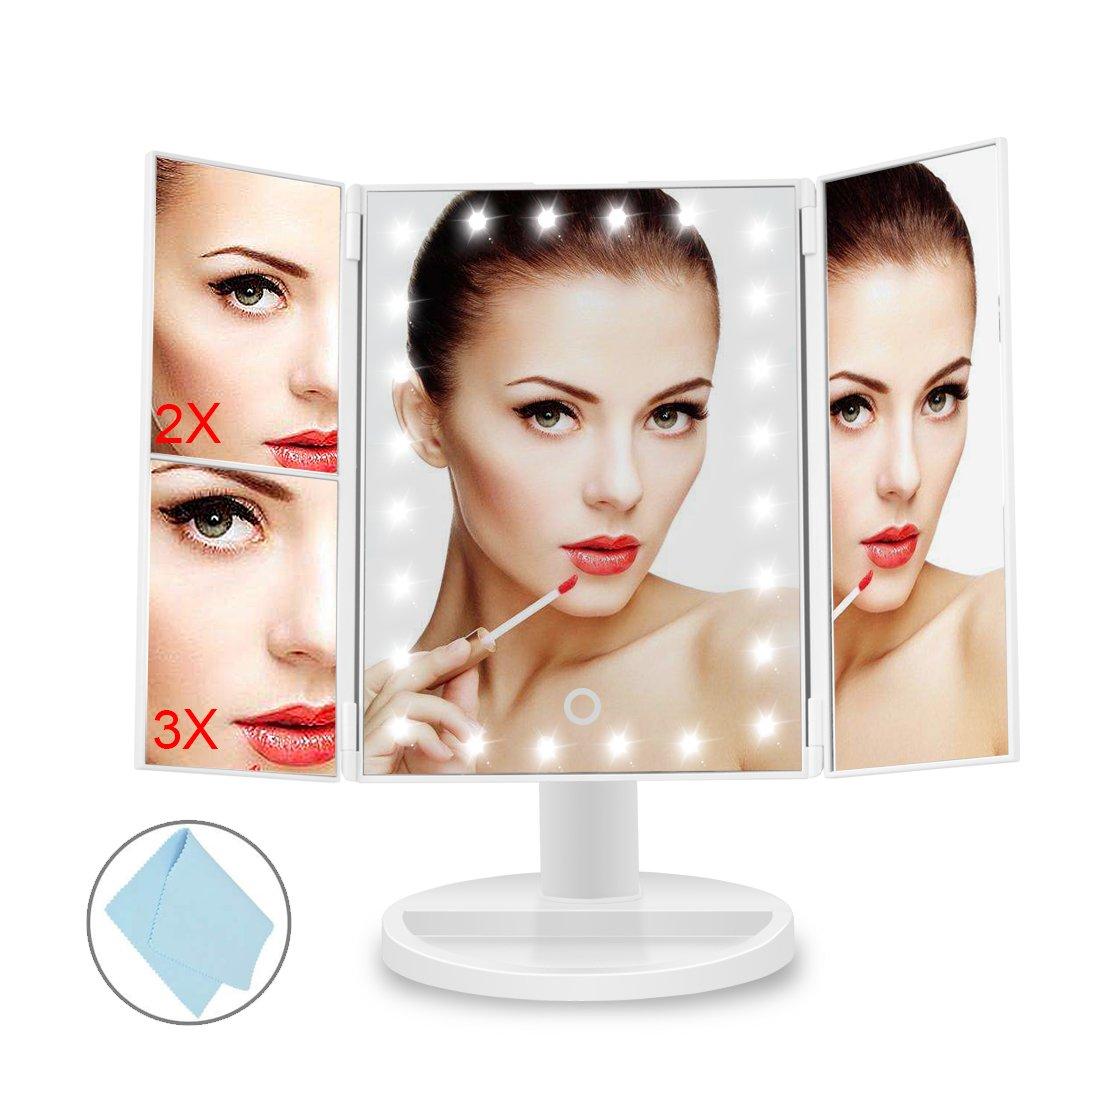 BEQOOL Miroir de comptoir /à trois plis /éclair/é cosm/étique Miroir de maquillage /éclair/é avec super lumineux 24 LED grossissement 1x // 2x // 3x et mode double puissance rotation r/églable /à 180 /°